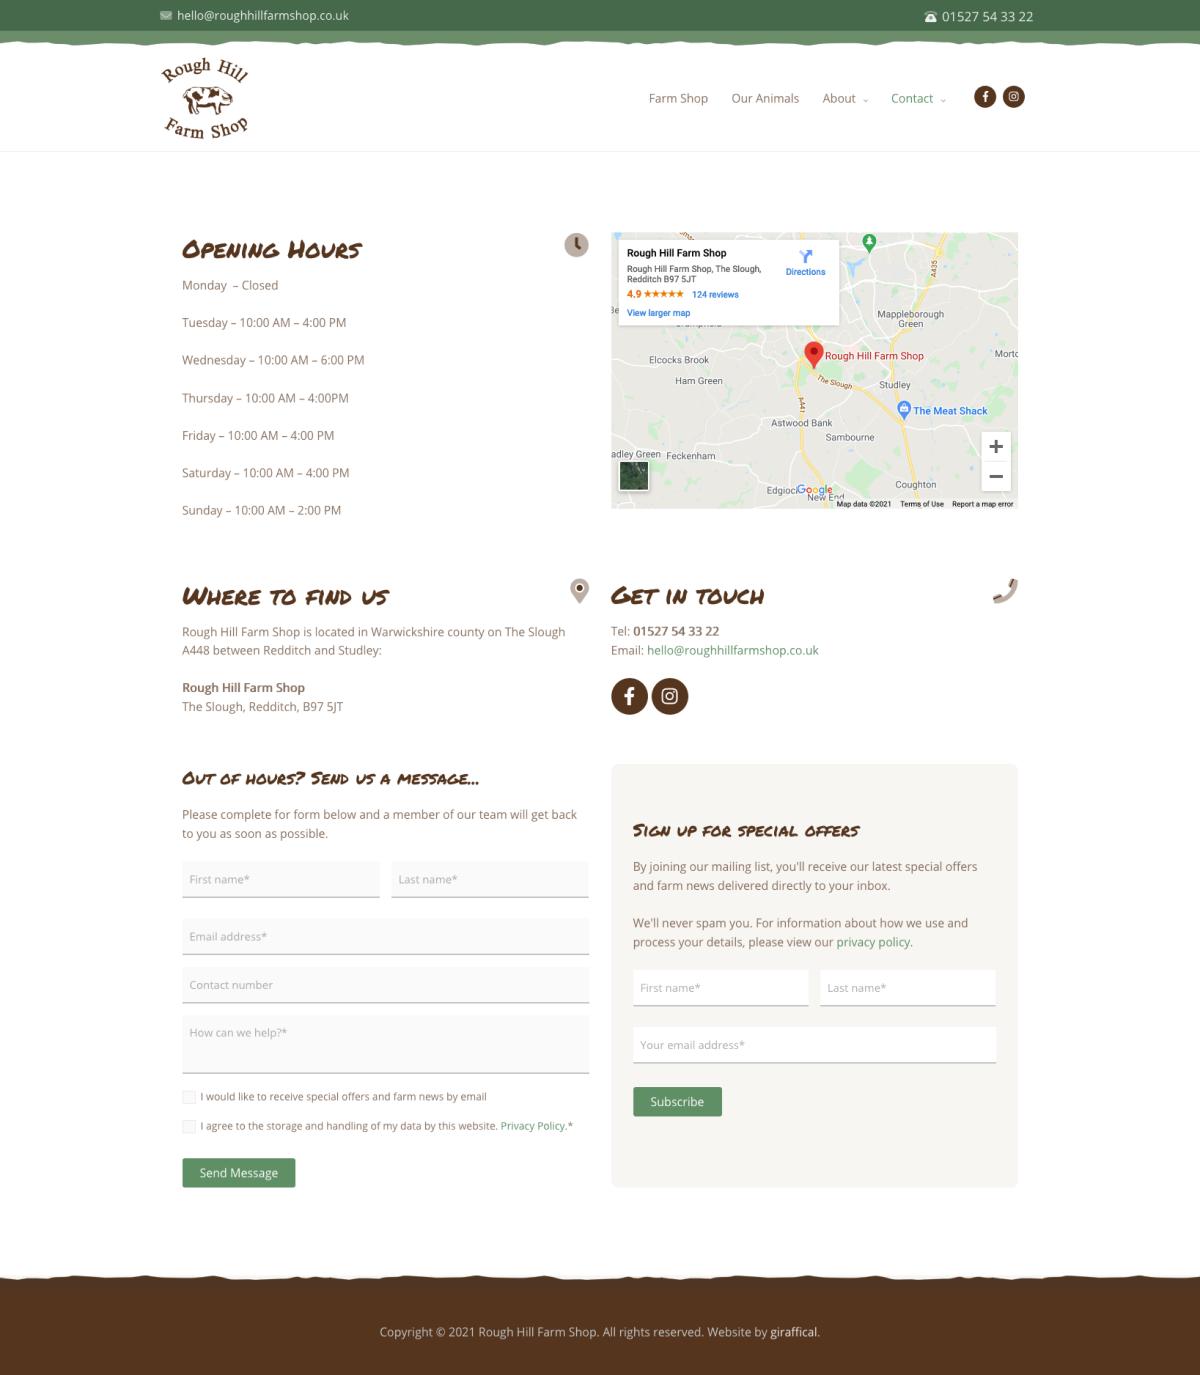 Farm Shop Website Design - Rough Hill Farm - Contact Page